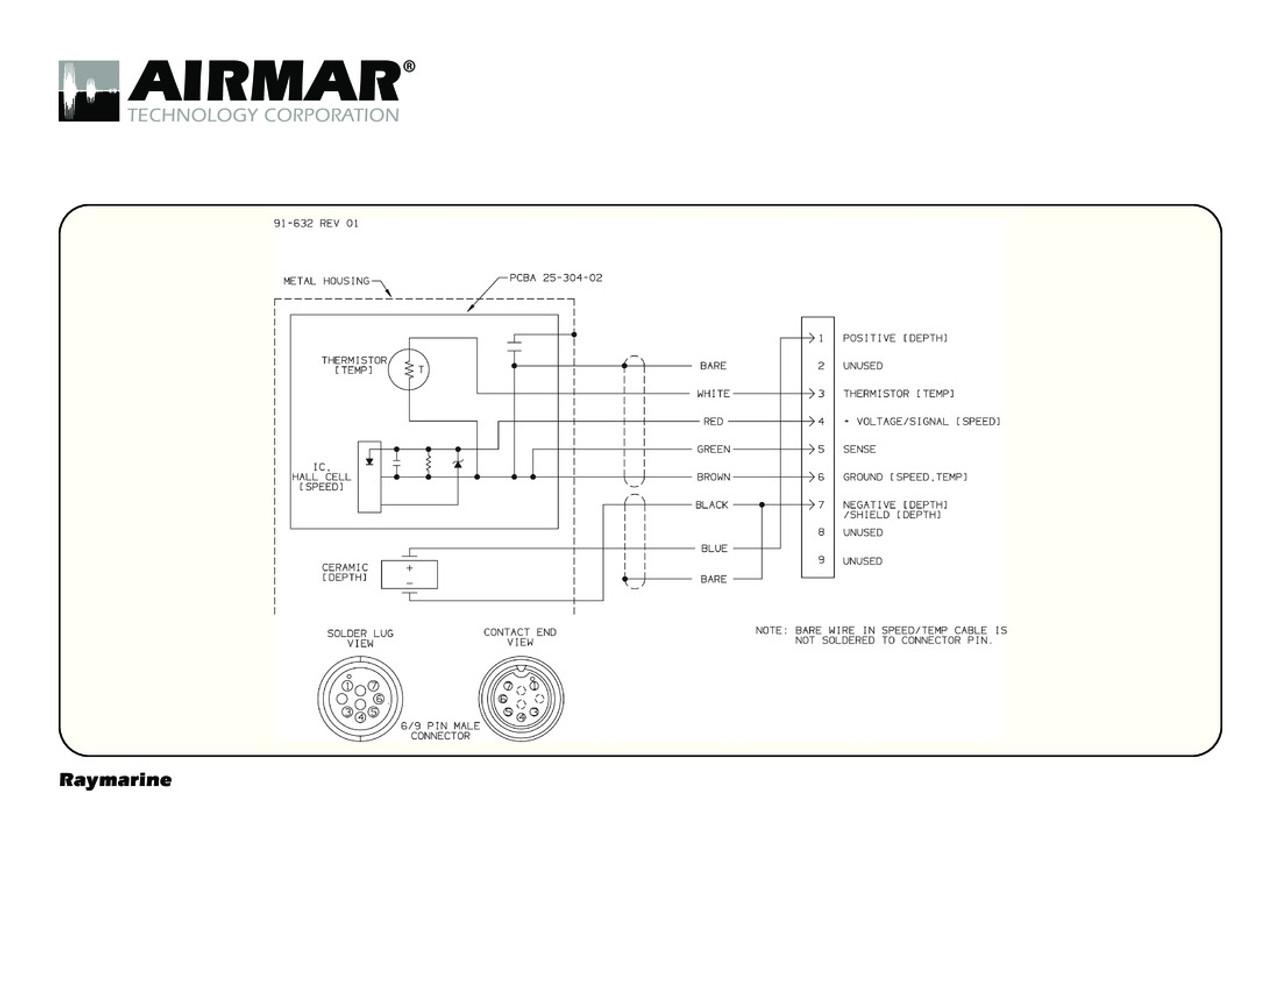 raymarine wiring diagrams two head units 2 14 artatec automobile de \u2022raymarine wiring diagrams two head units wiring diagram rh 9 nucleusvr nl connecting a raymarine arch